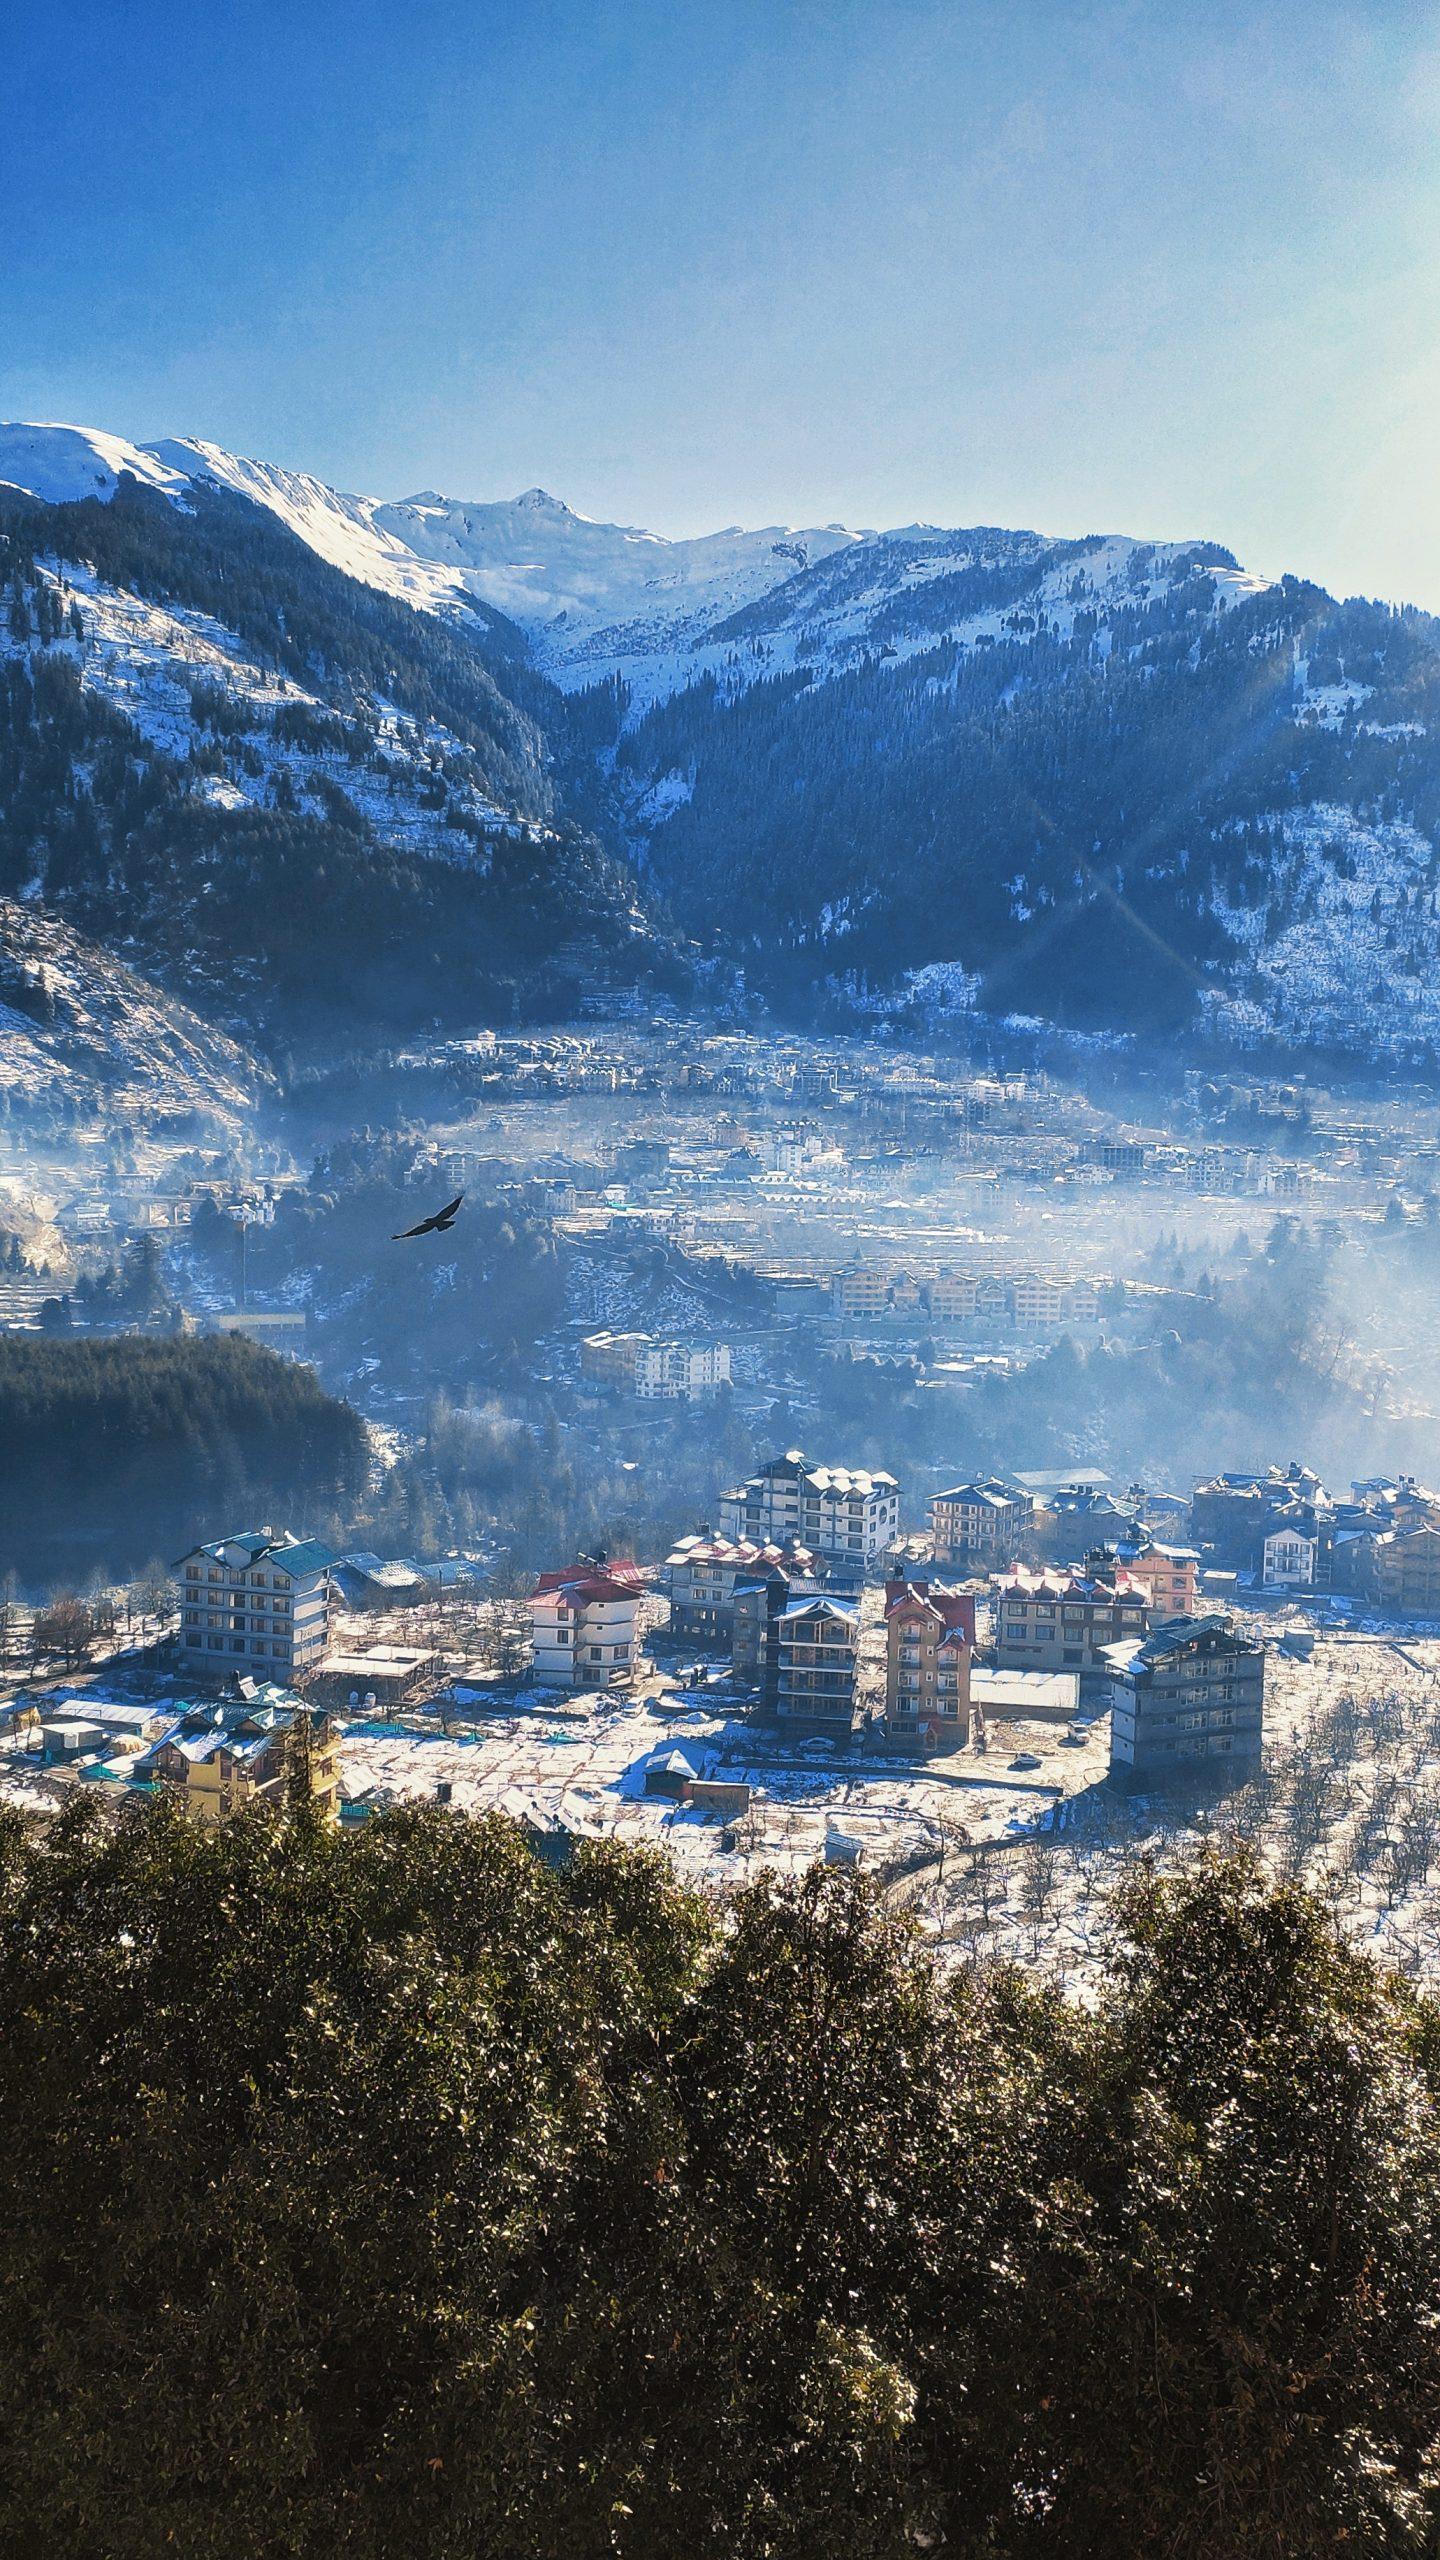 Hillside Village during winter